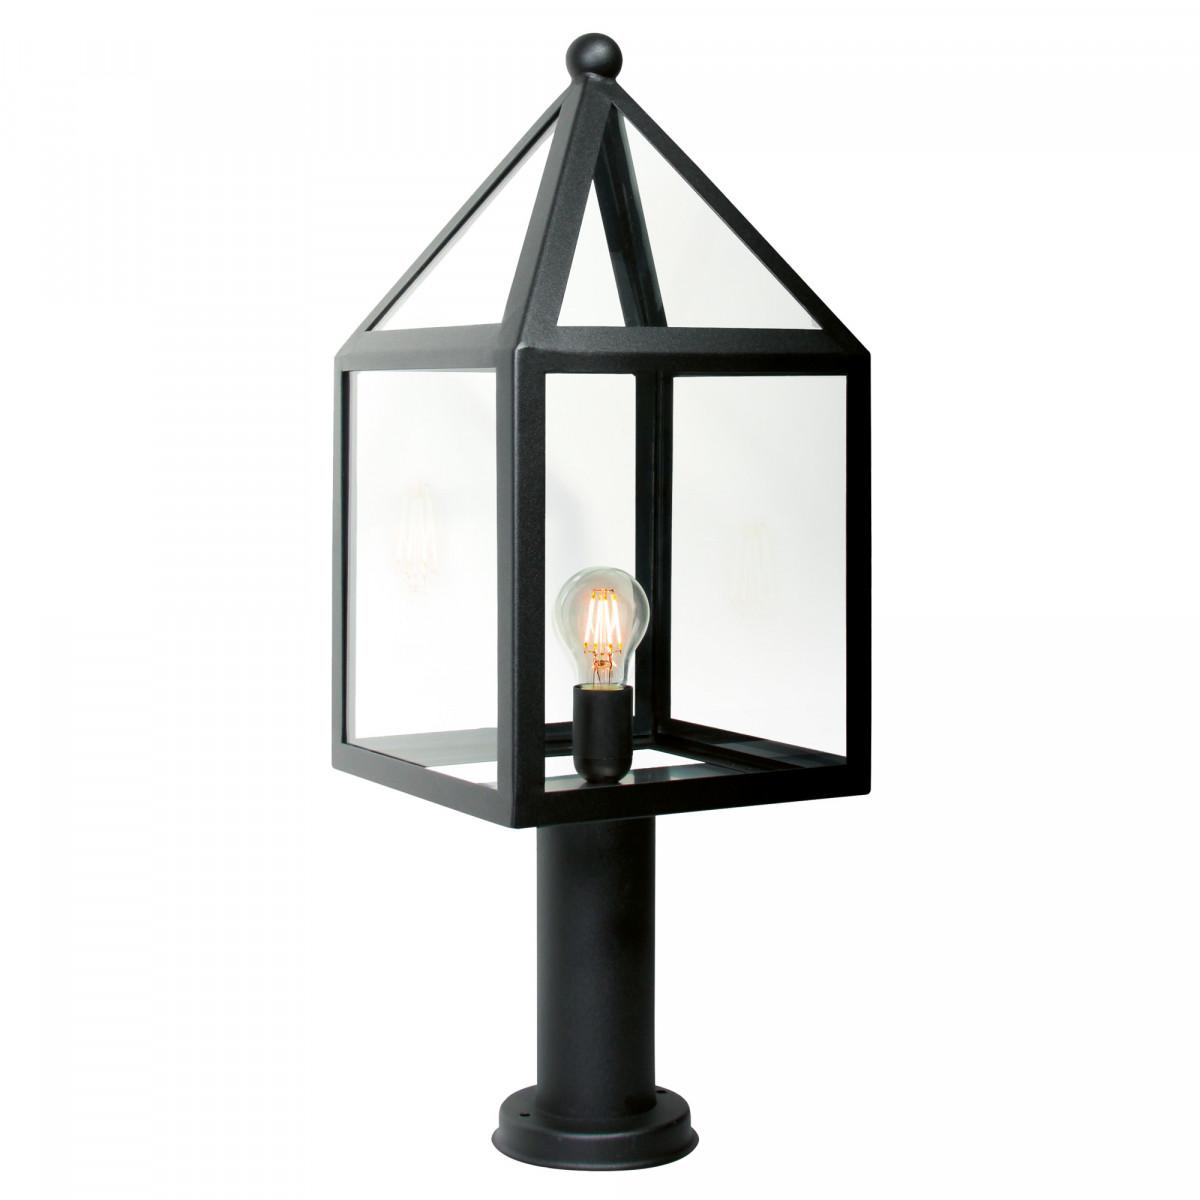 tuinlamp leusden een sokkel lantaarn ronde voet totaal 65cm hoog breedte lantaarnkap 25cm, zwart frame model huis, heldere vensters, lichtbron zichtbaar